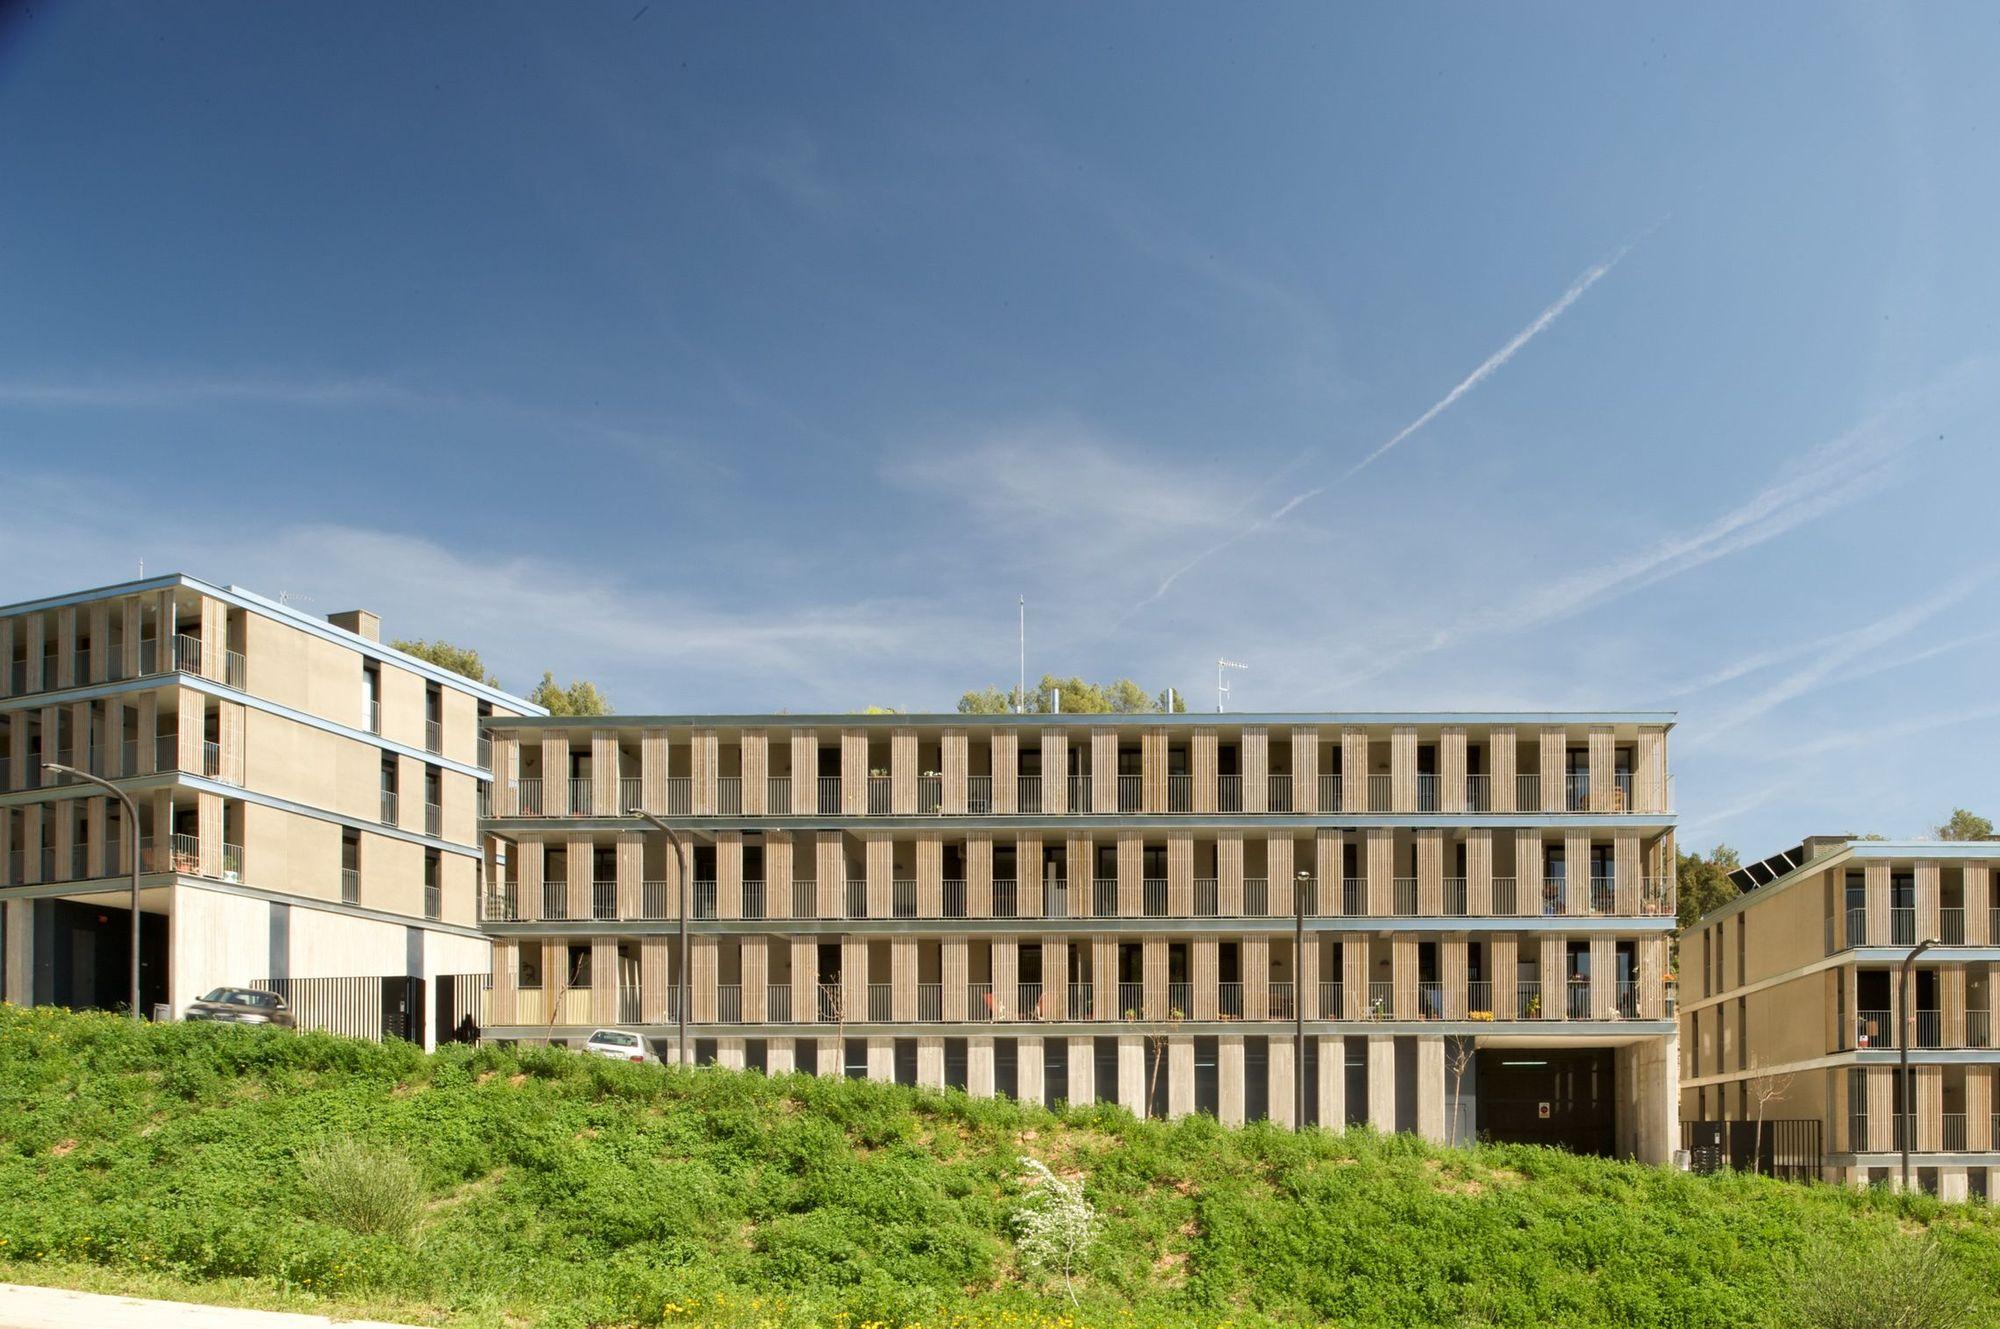 Conjunto Habitacional em Torrelles de Llobregat / BB Arquitectes, © Filippo Poli